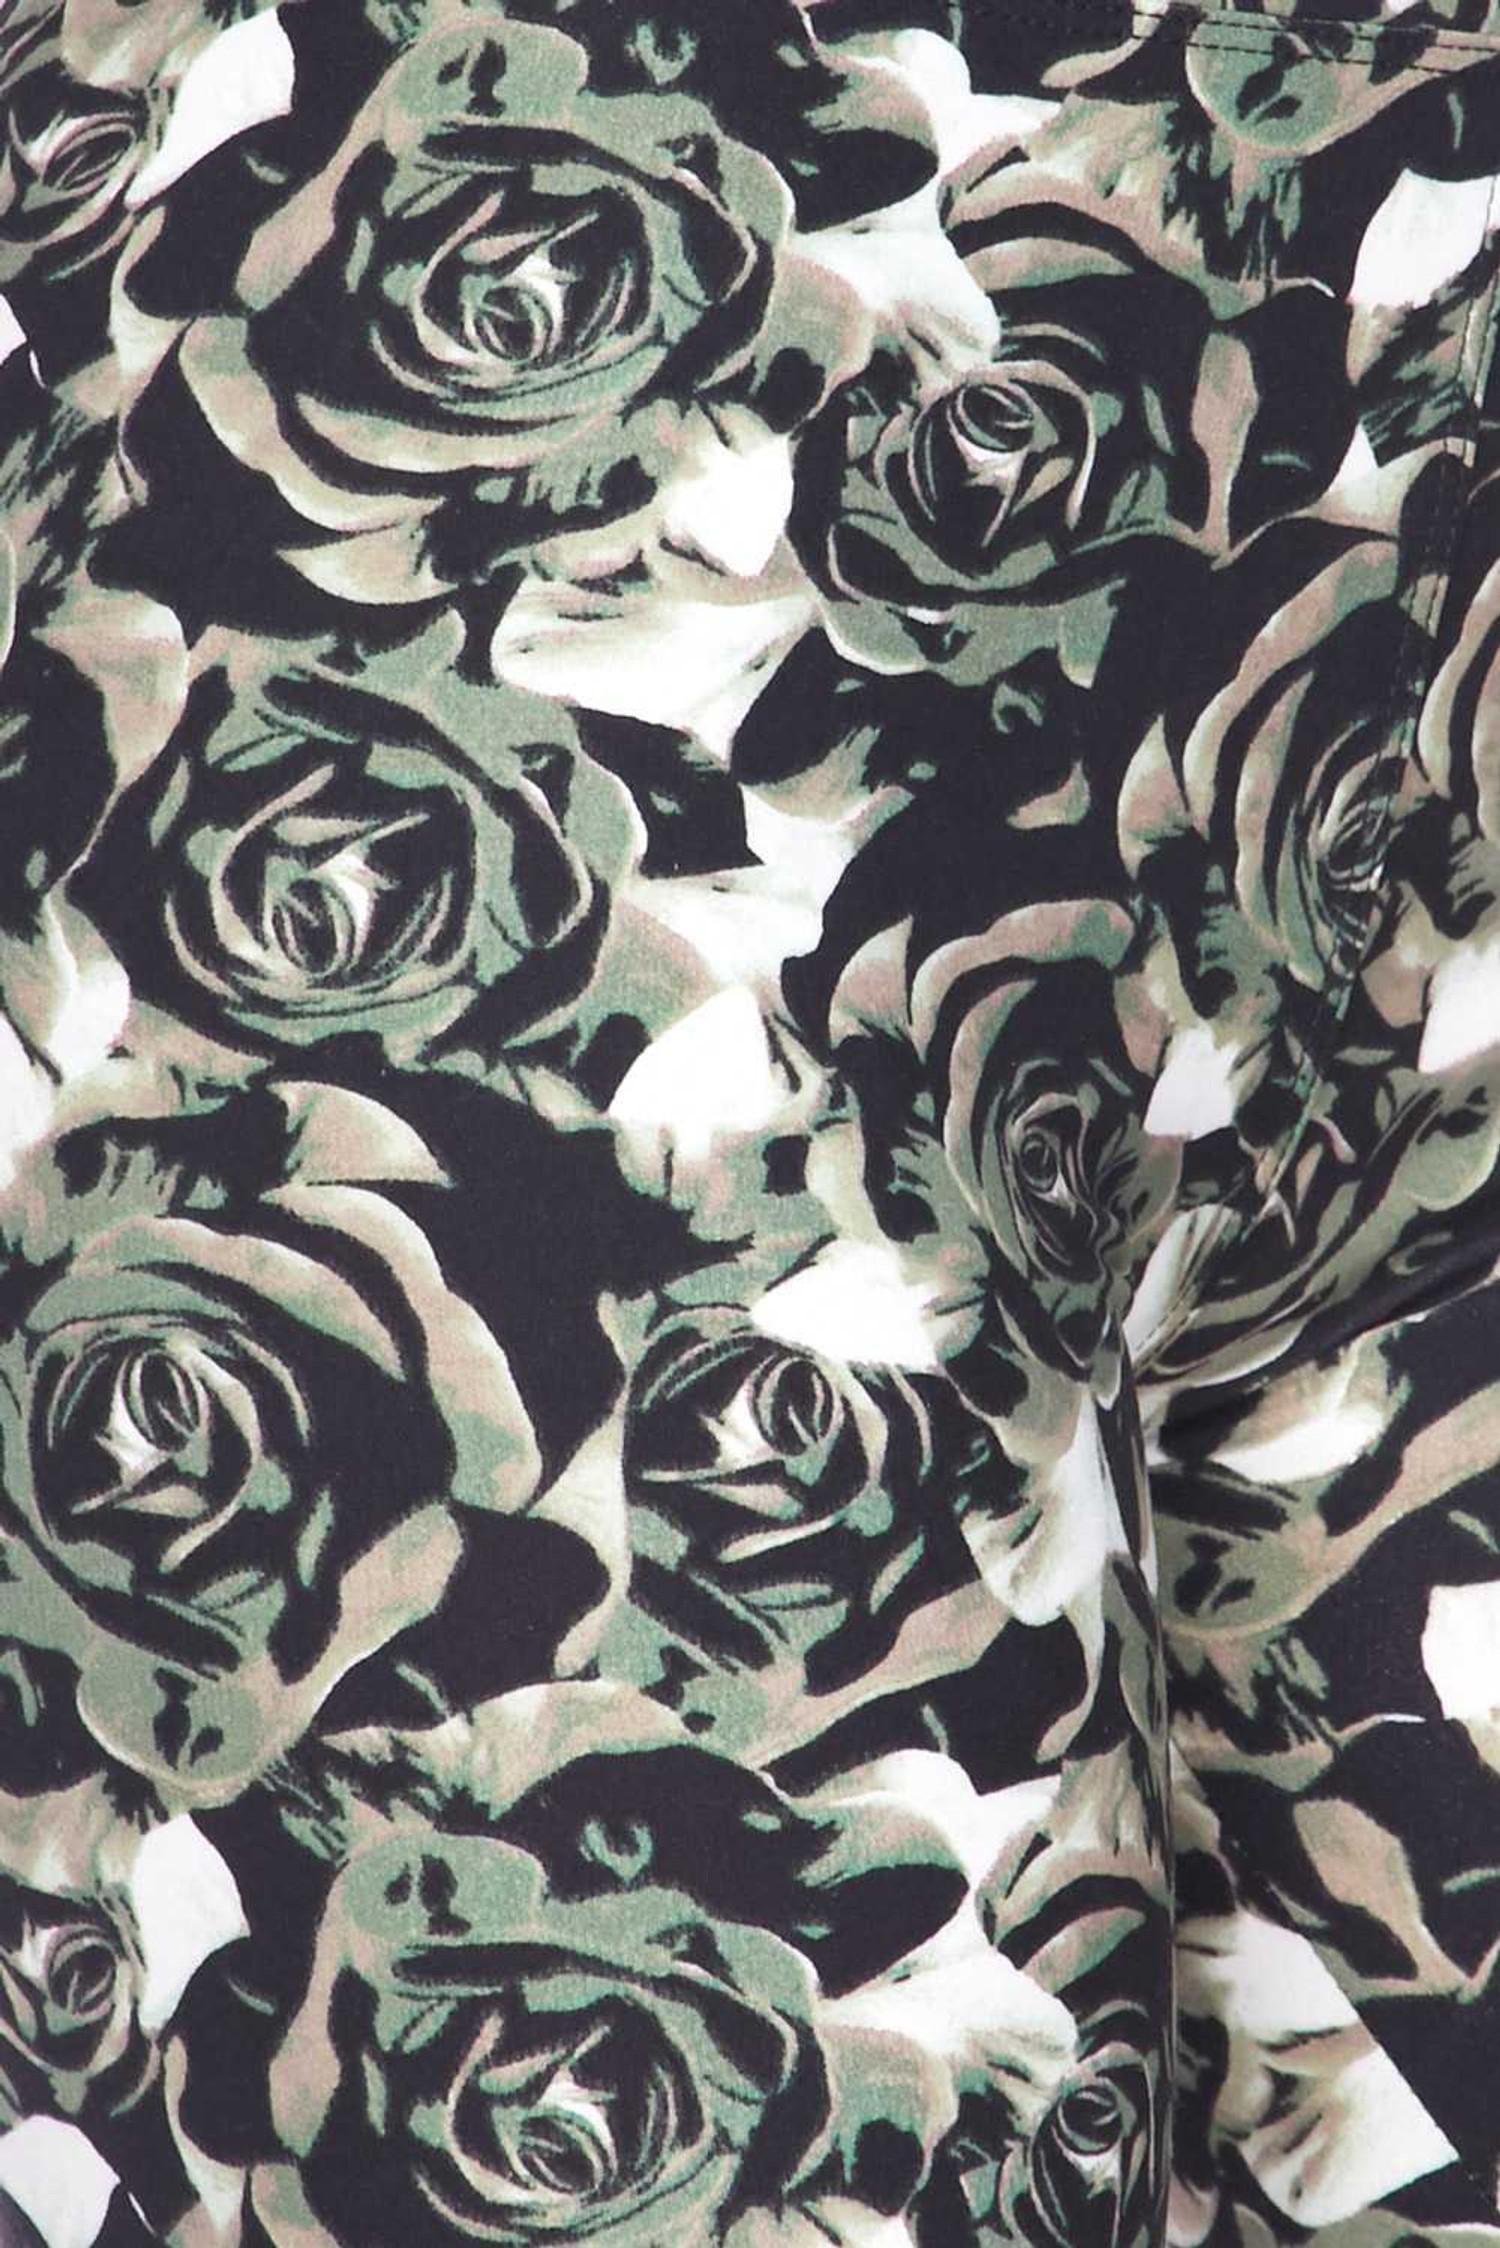 Brushed  Olive Rose Capris - 3 Inch